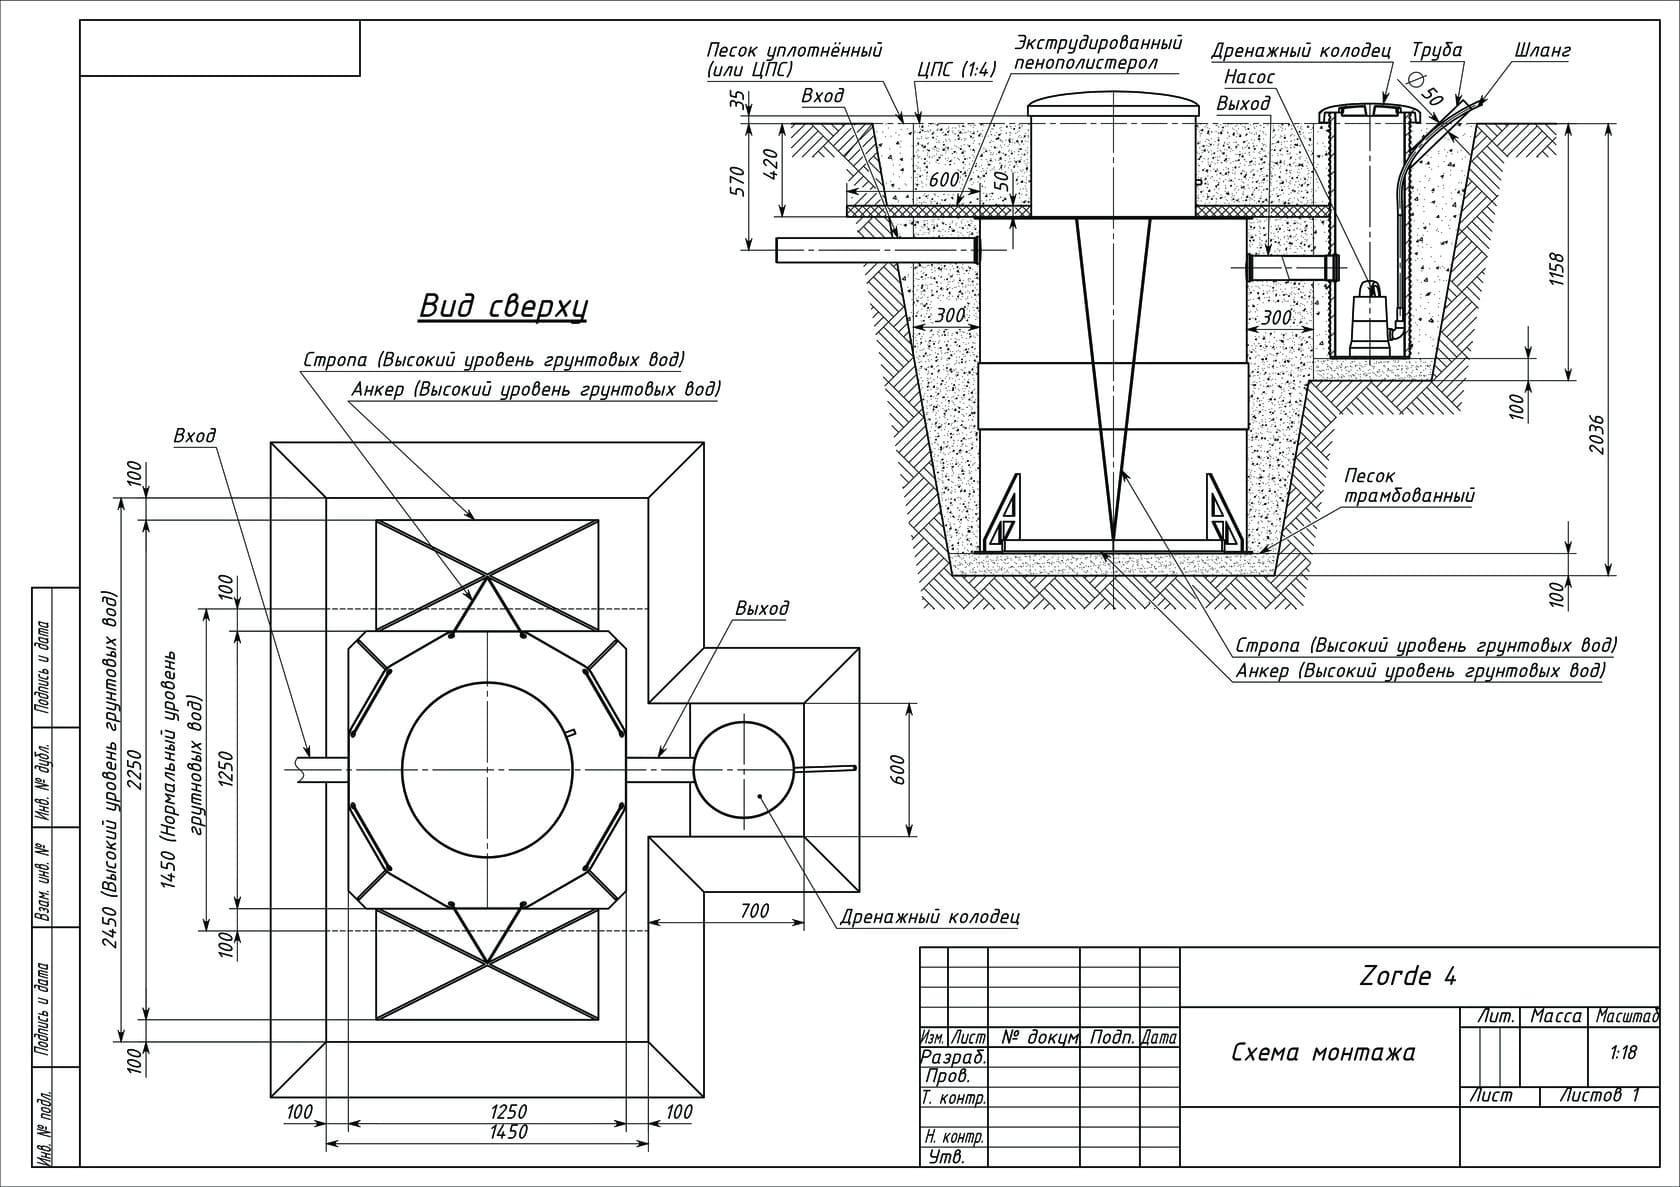 Схема монтажа Биореактора Zörde 4